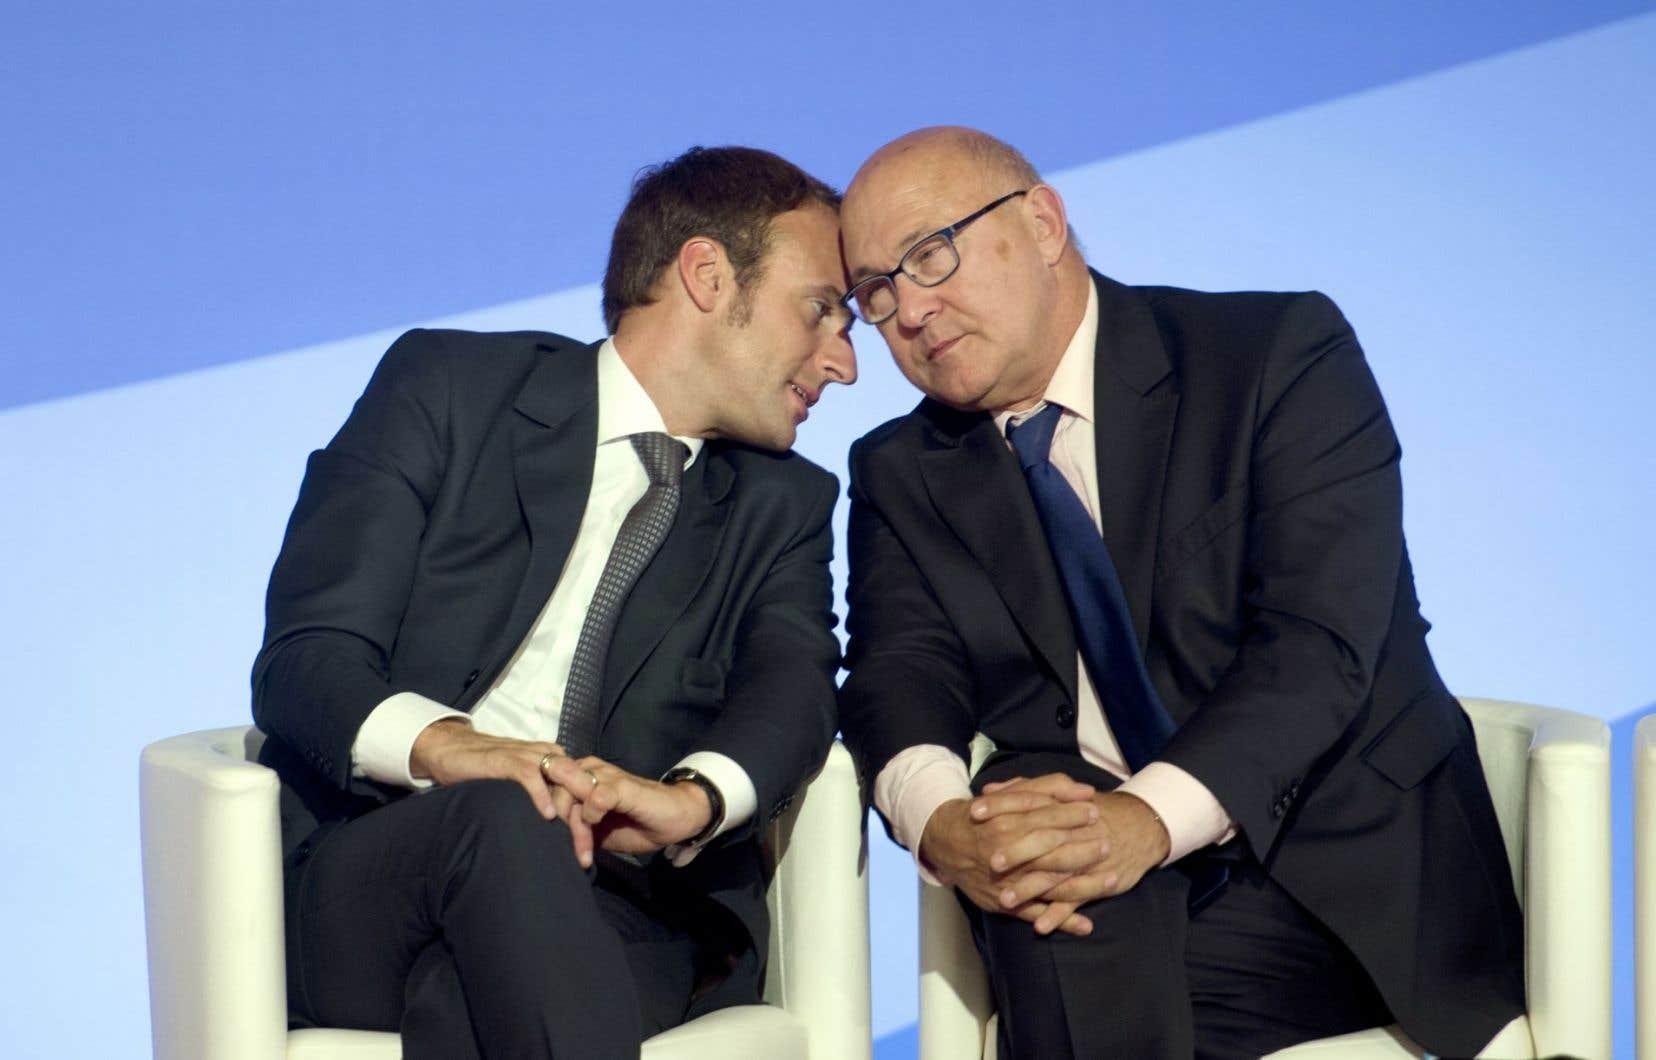 Échange de confidences entre le ministre français de l'Économie et de l'industrie, Emmanuel Macron, et son collègue des Finances, Michel Sapin, durant un colloque sur le financement et l'investissement qui avait lieu lundi. L'économie de l'euro, notamment celle de la France, continue de faire du sur-place.